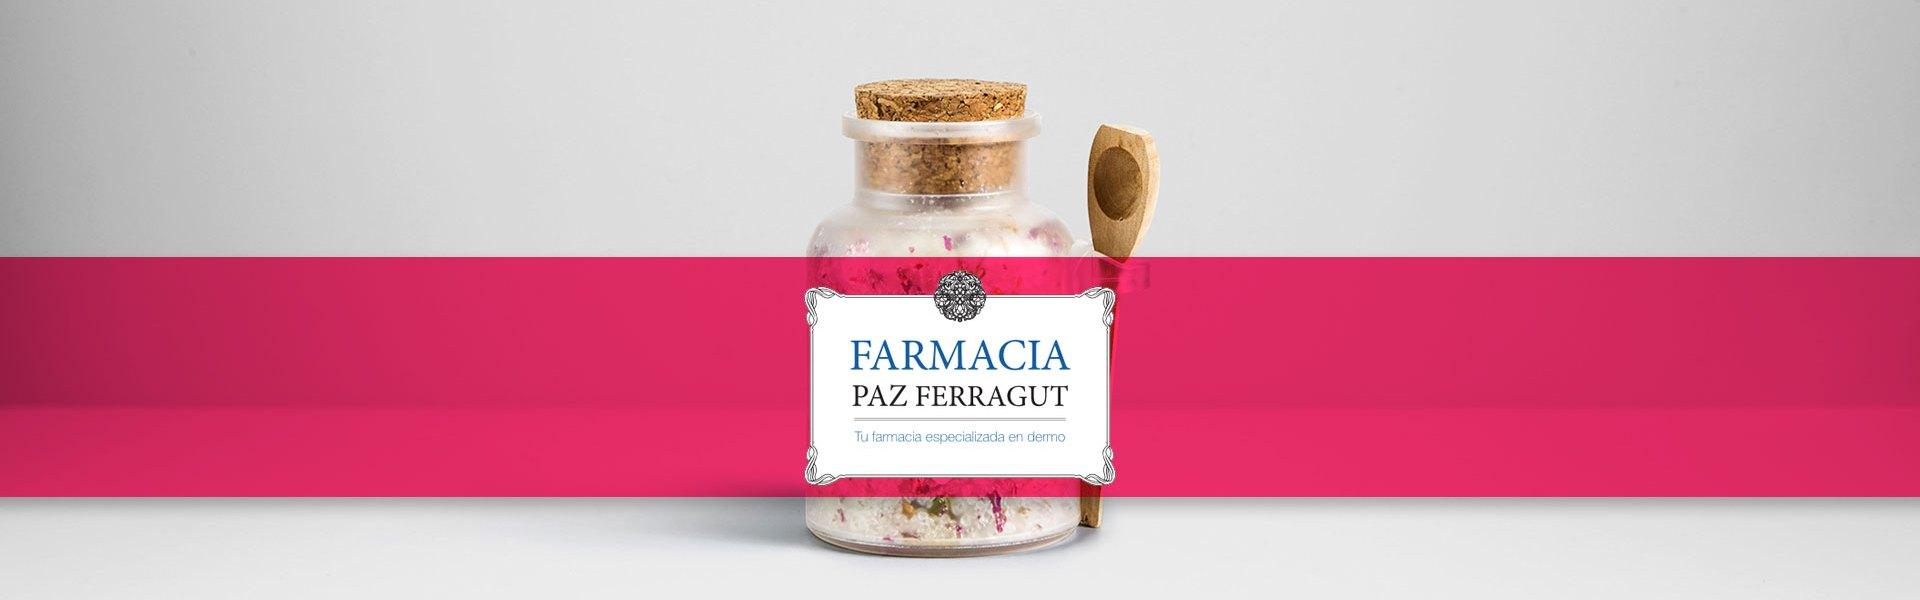 Farmacia Paz Ferragut -Tienda-